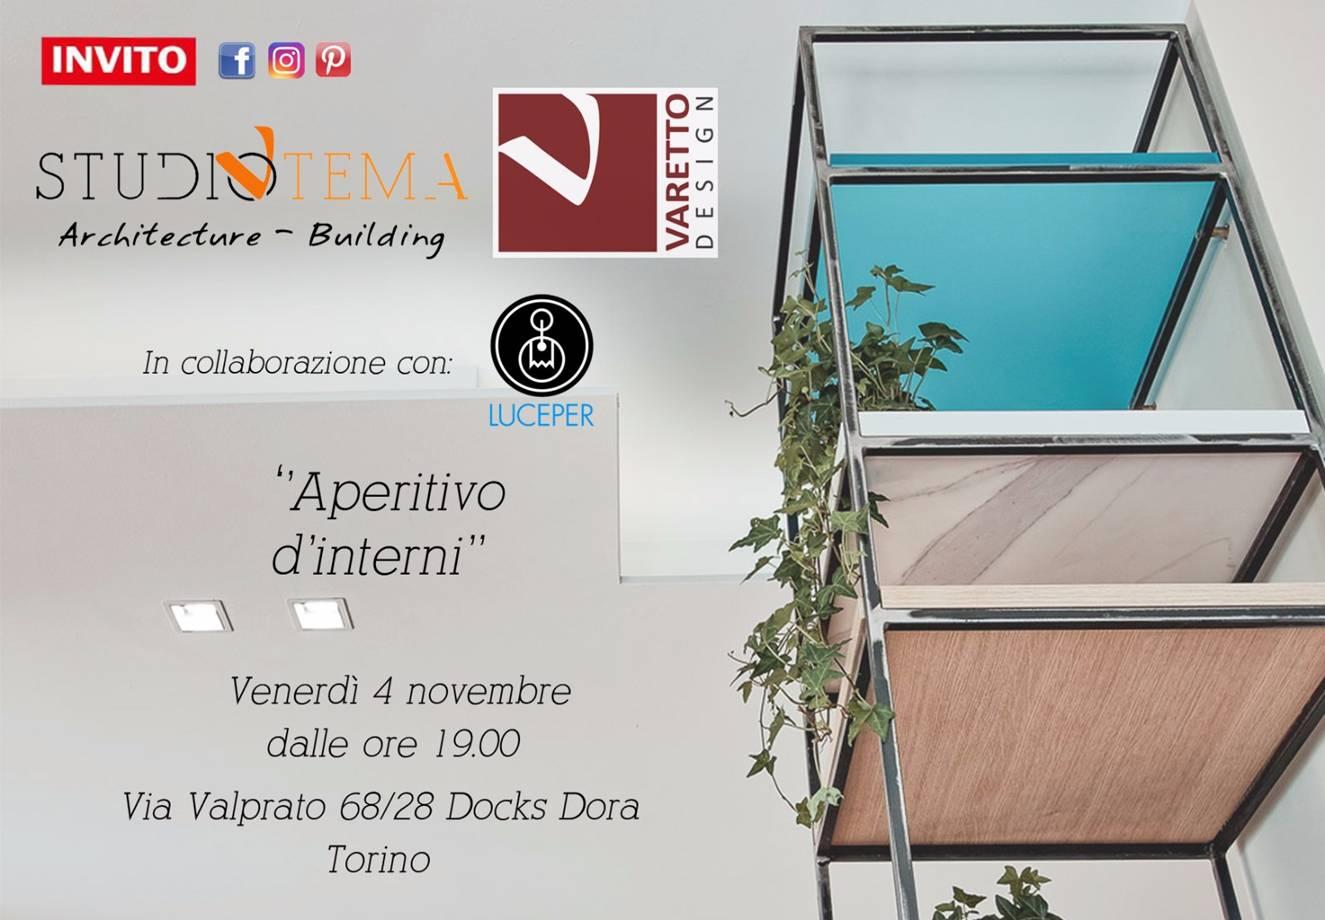 Aperitivo d'interni - Venerdì 4 novembre - Via Valprato 68/28 Docks Dora Torino